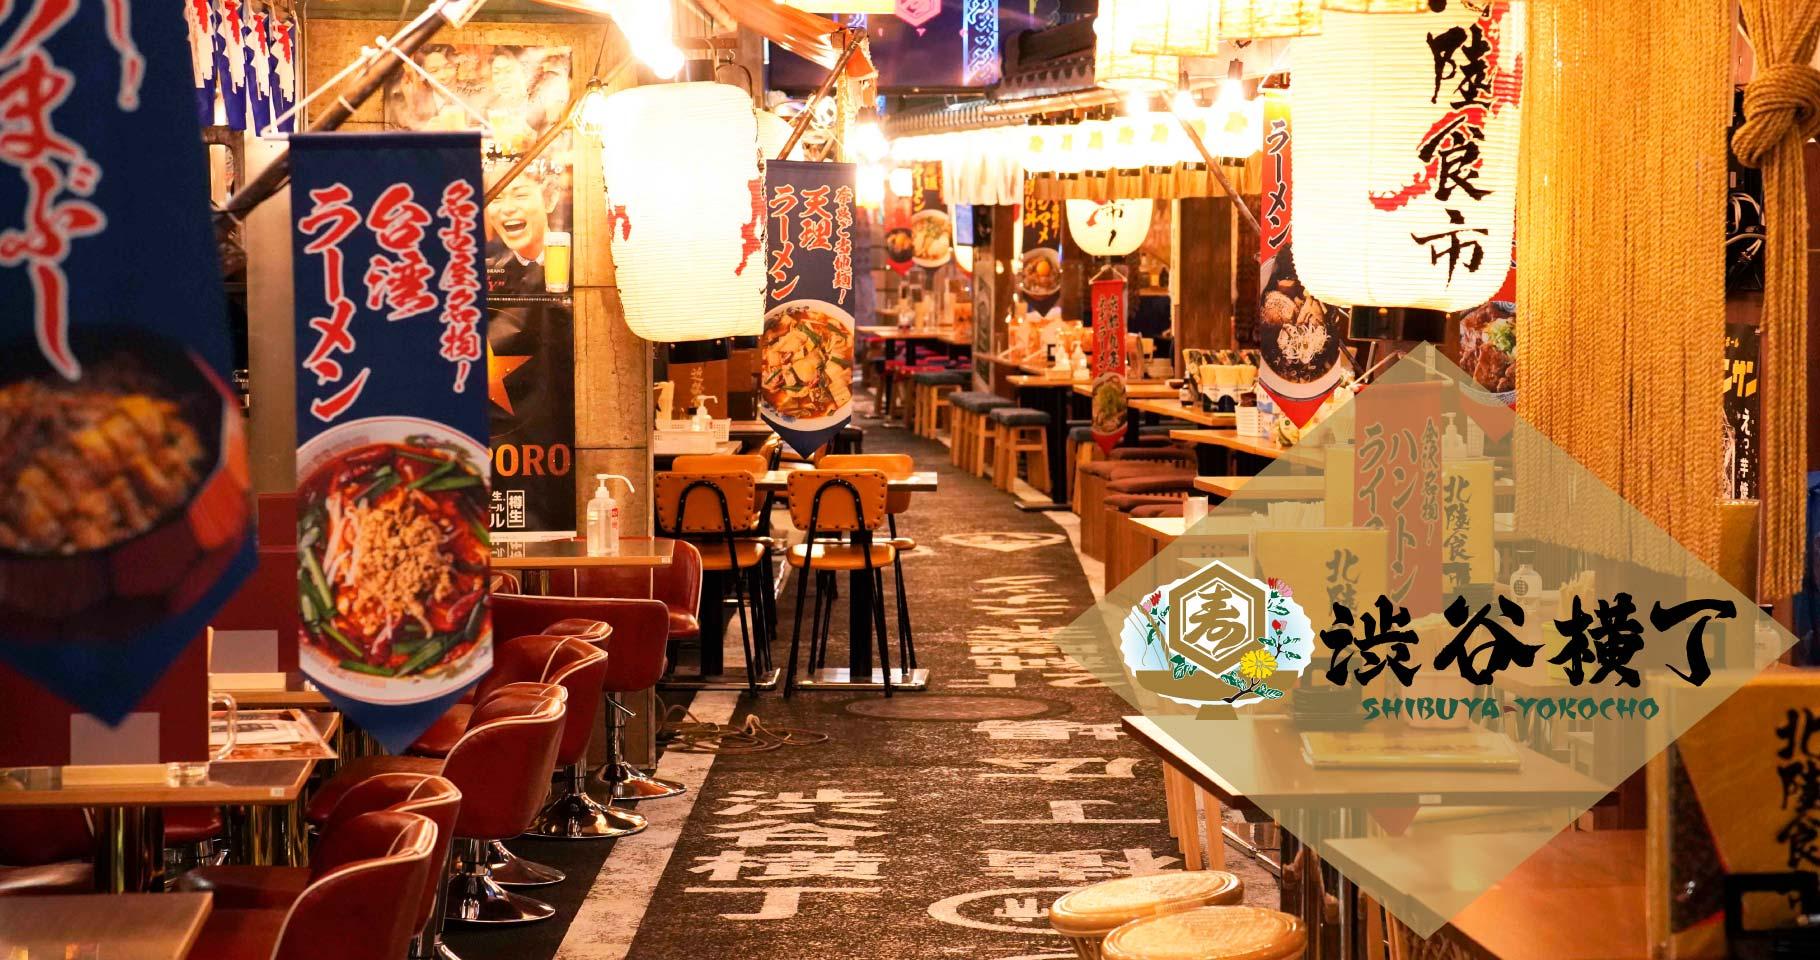 渋谷横丁 in RAYARD MIYASHITA PARK 公式サイト